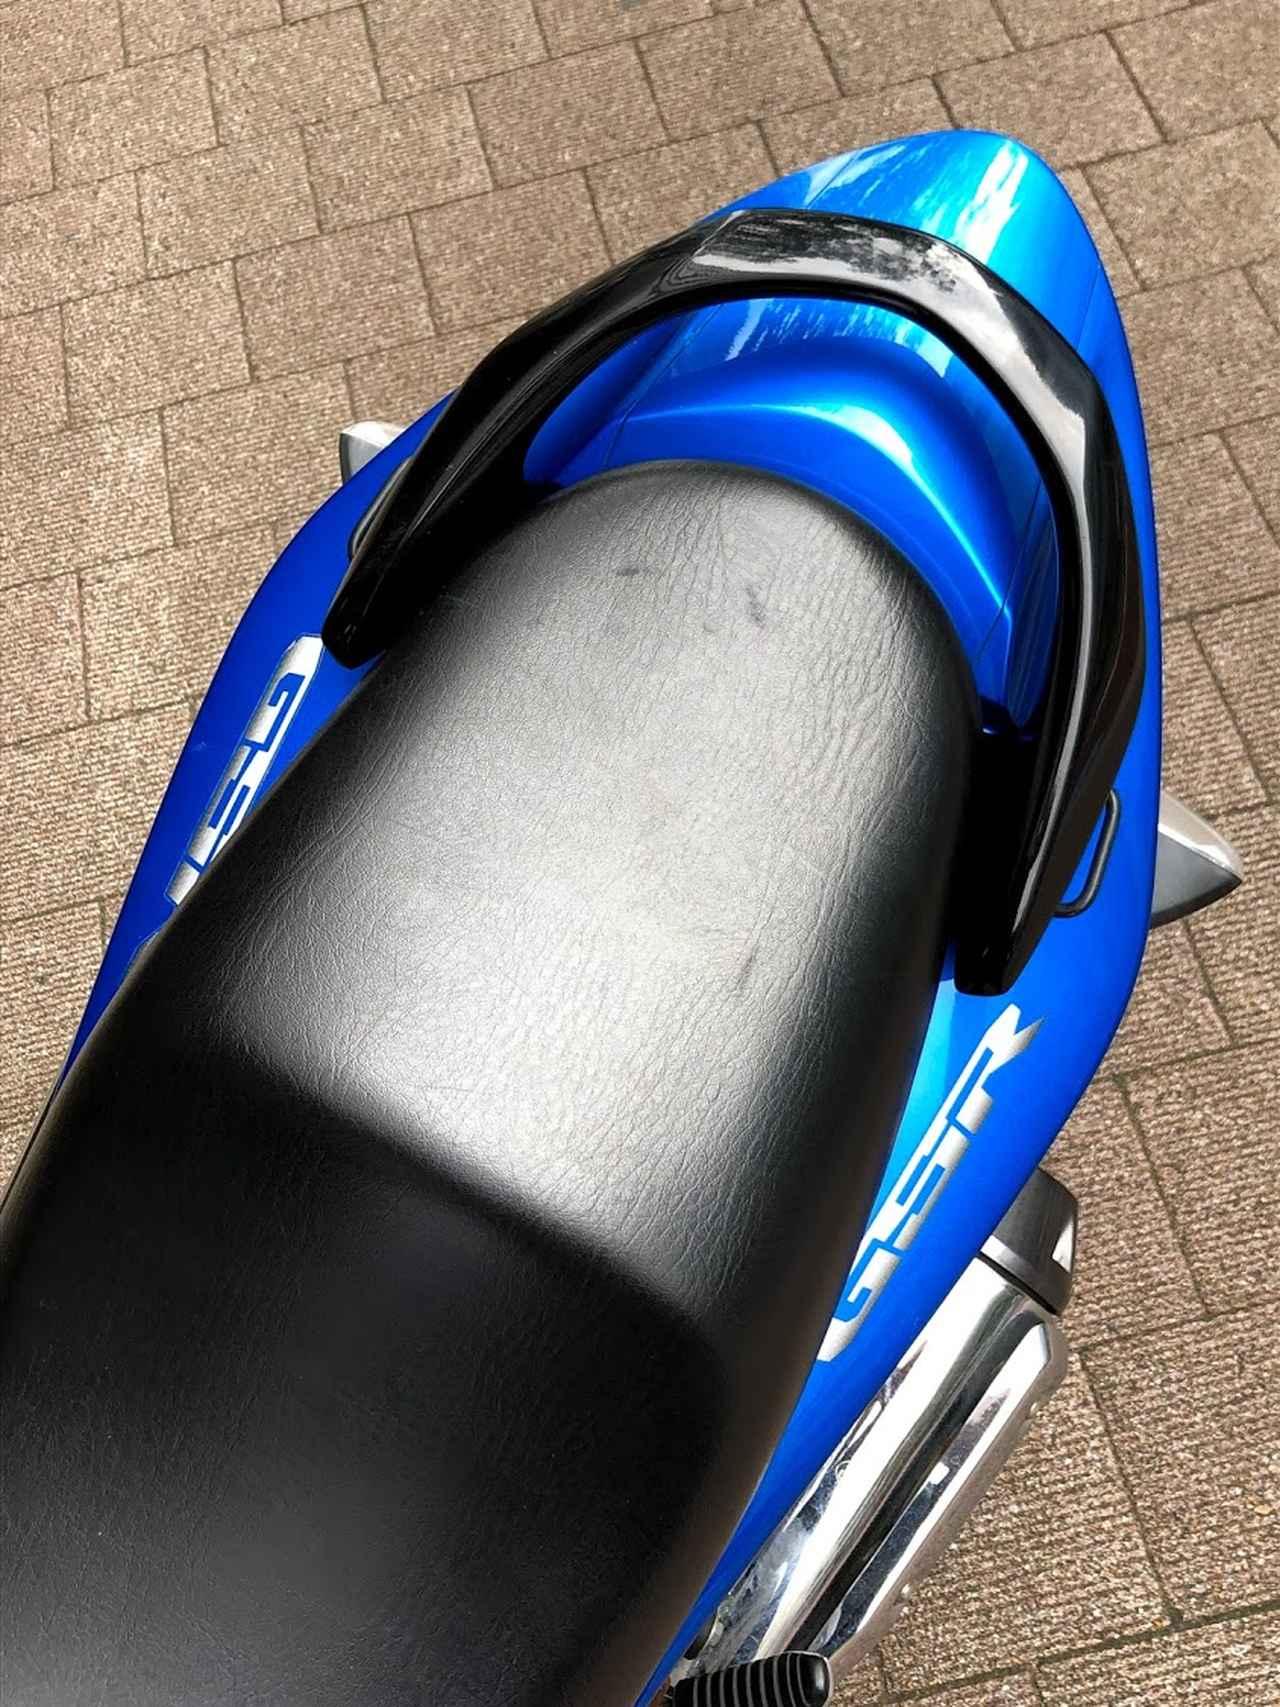 画像1: 今回、追加パーツでピックアップするのは、MOTO FIZZ製プレートフック2(税込価格=1,404円)。取り付け簡単な「カユい所にあったら嬉しい」荷掛けフックです。